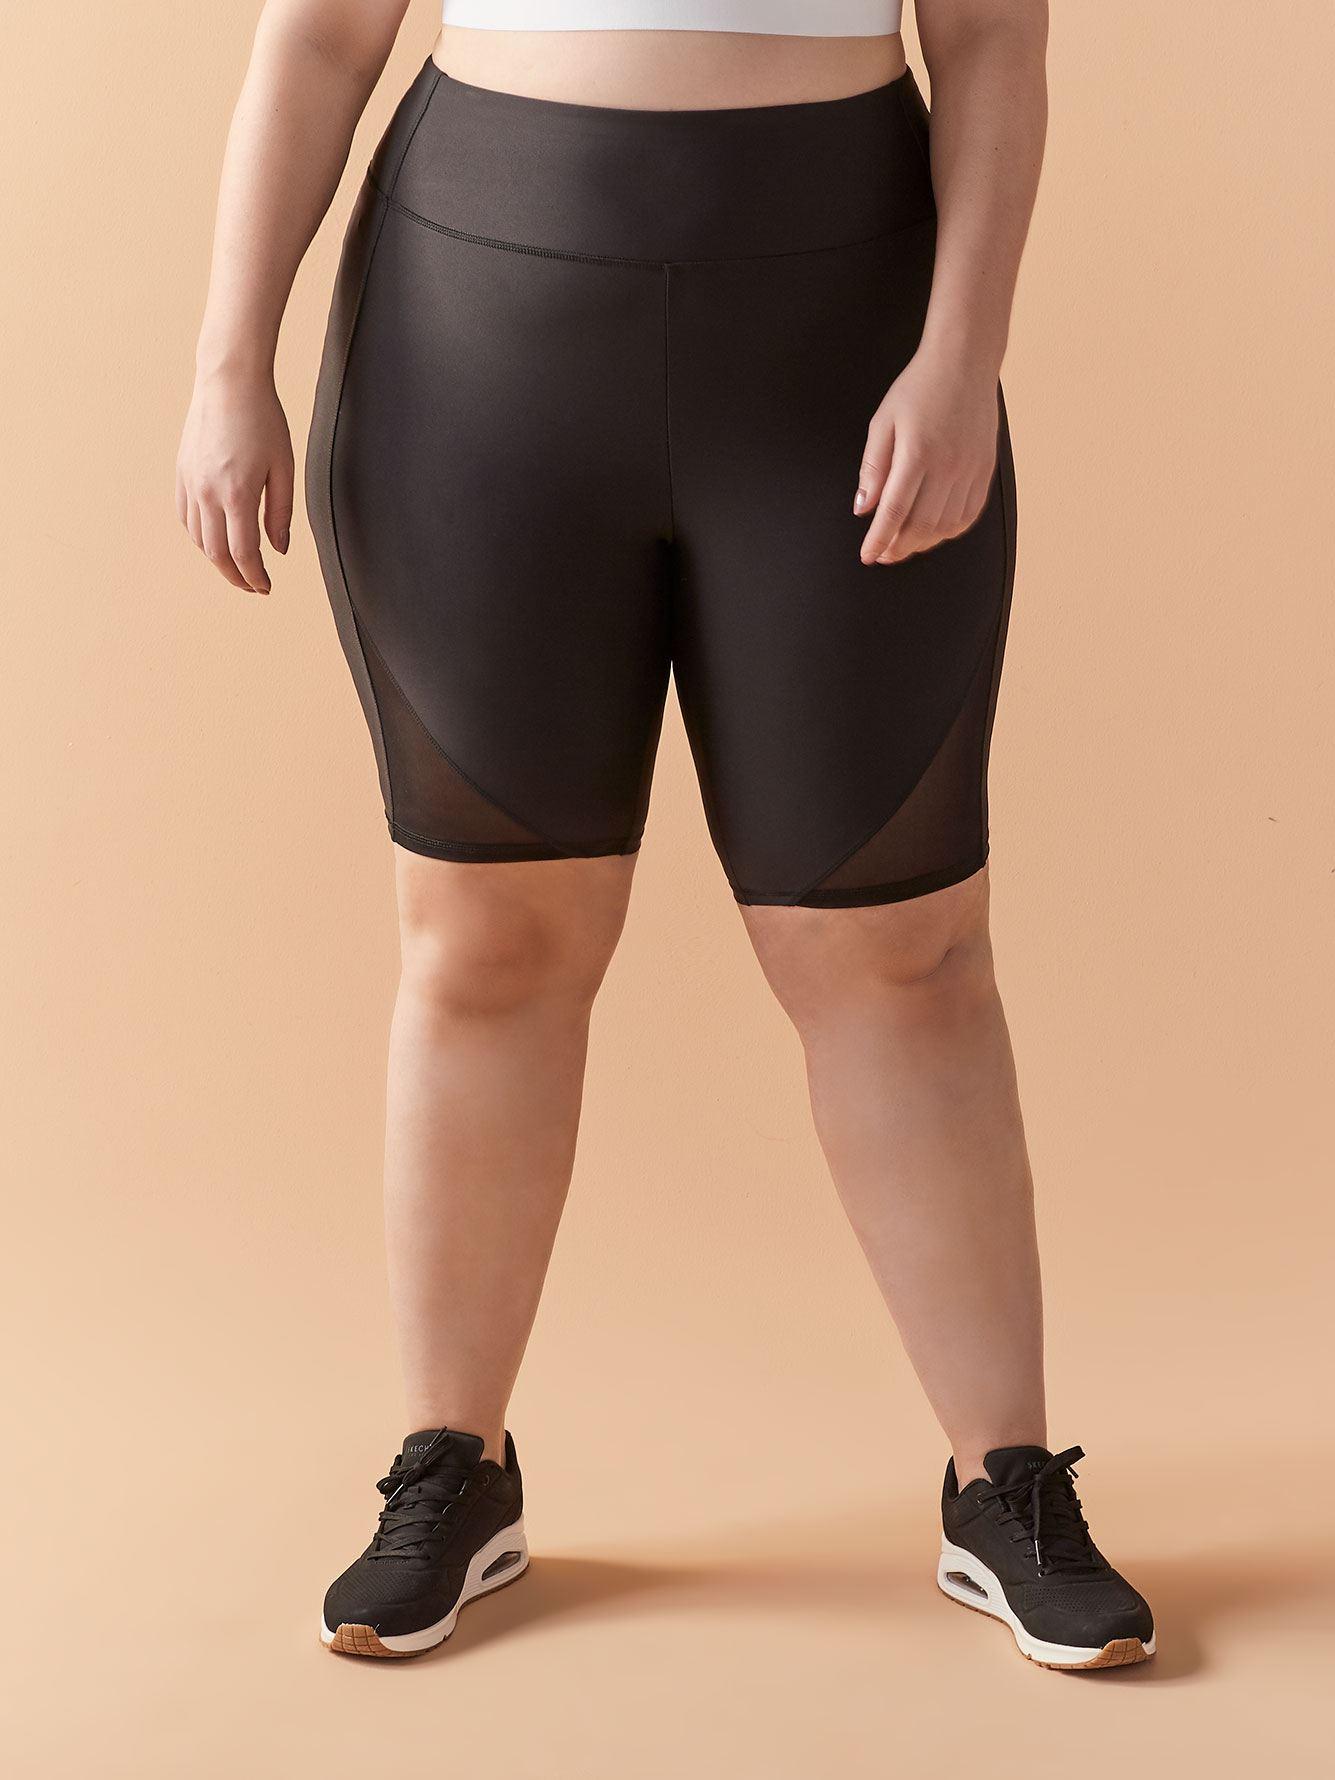 Biker Short with Mesh Insert - ActiveZone